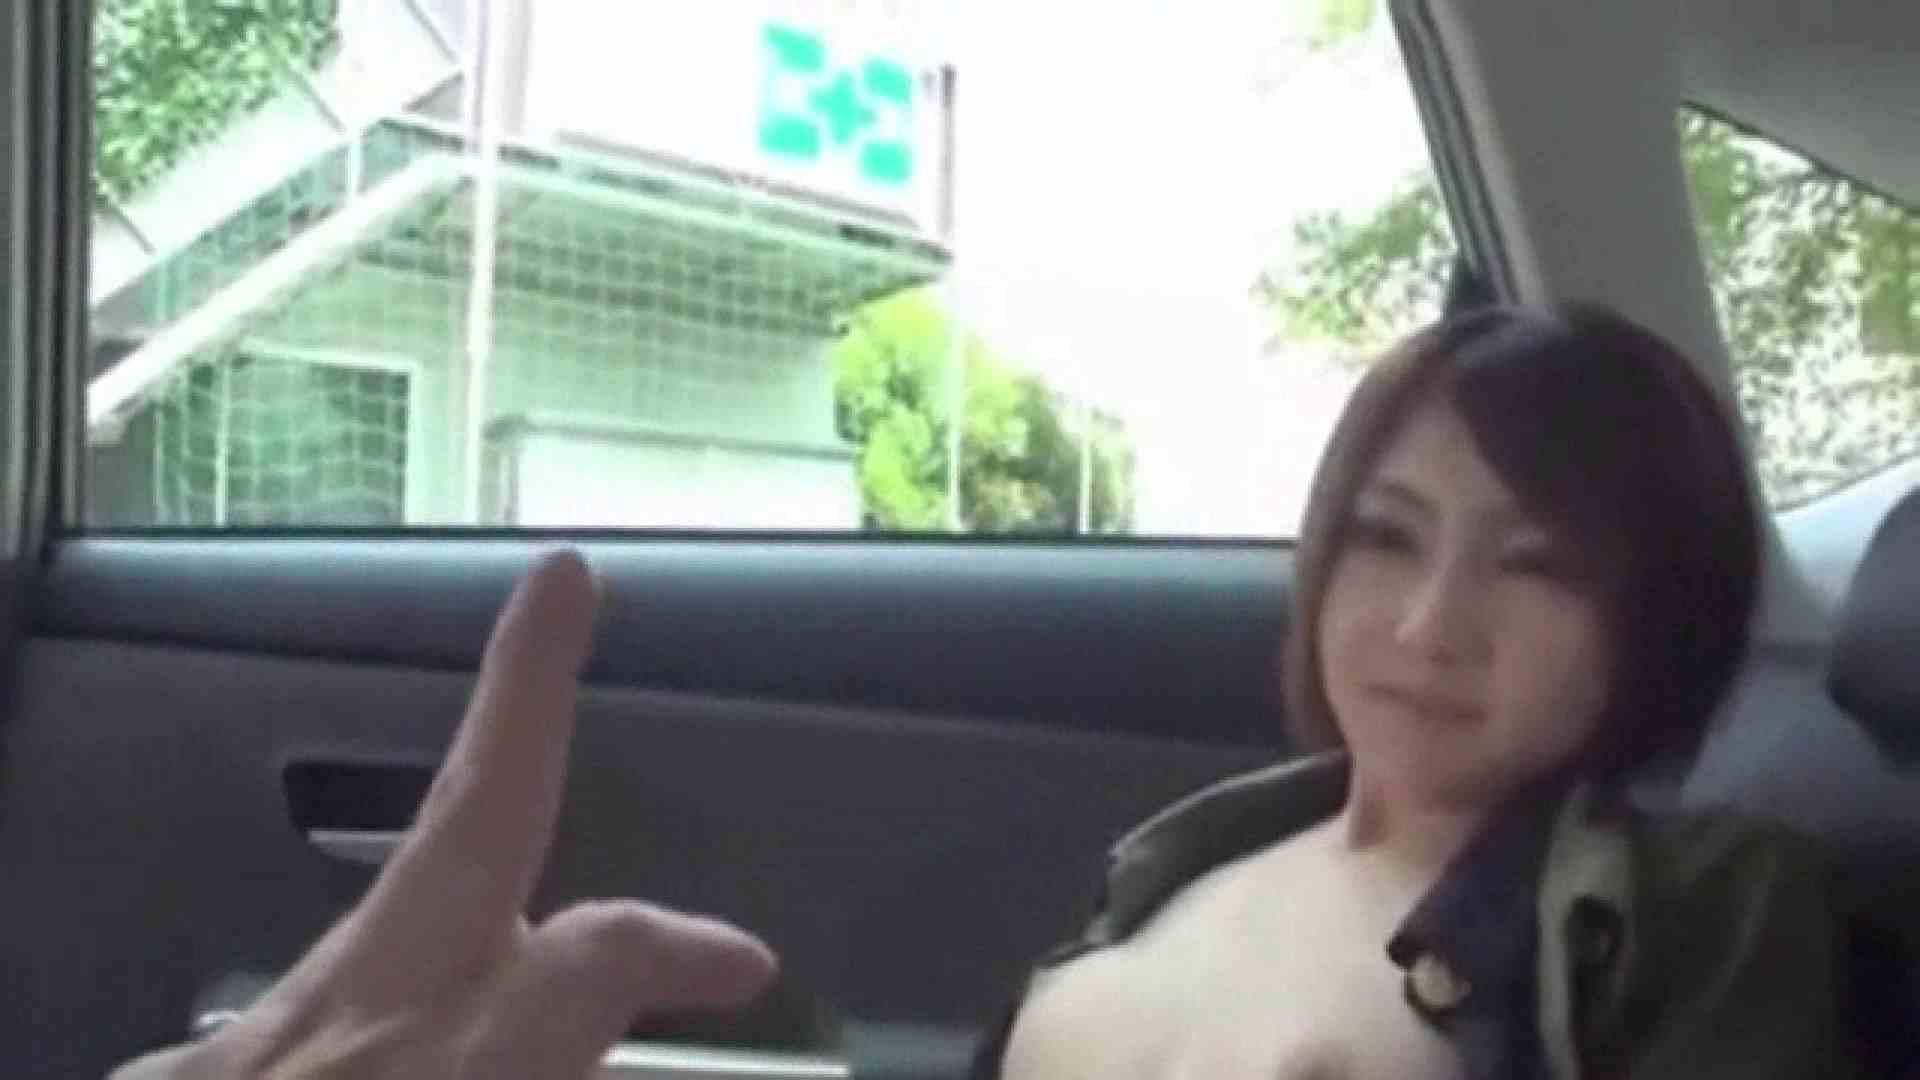 S級厳選美女ビッチガールVol.11 萌えギャル | OL女体  80連発 28